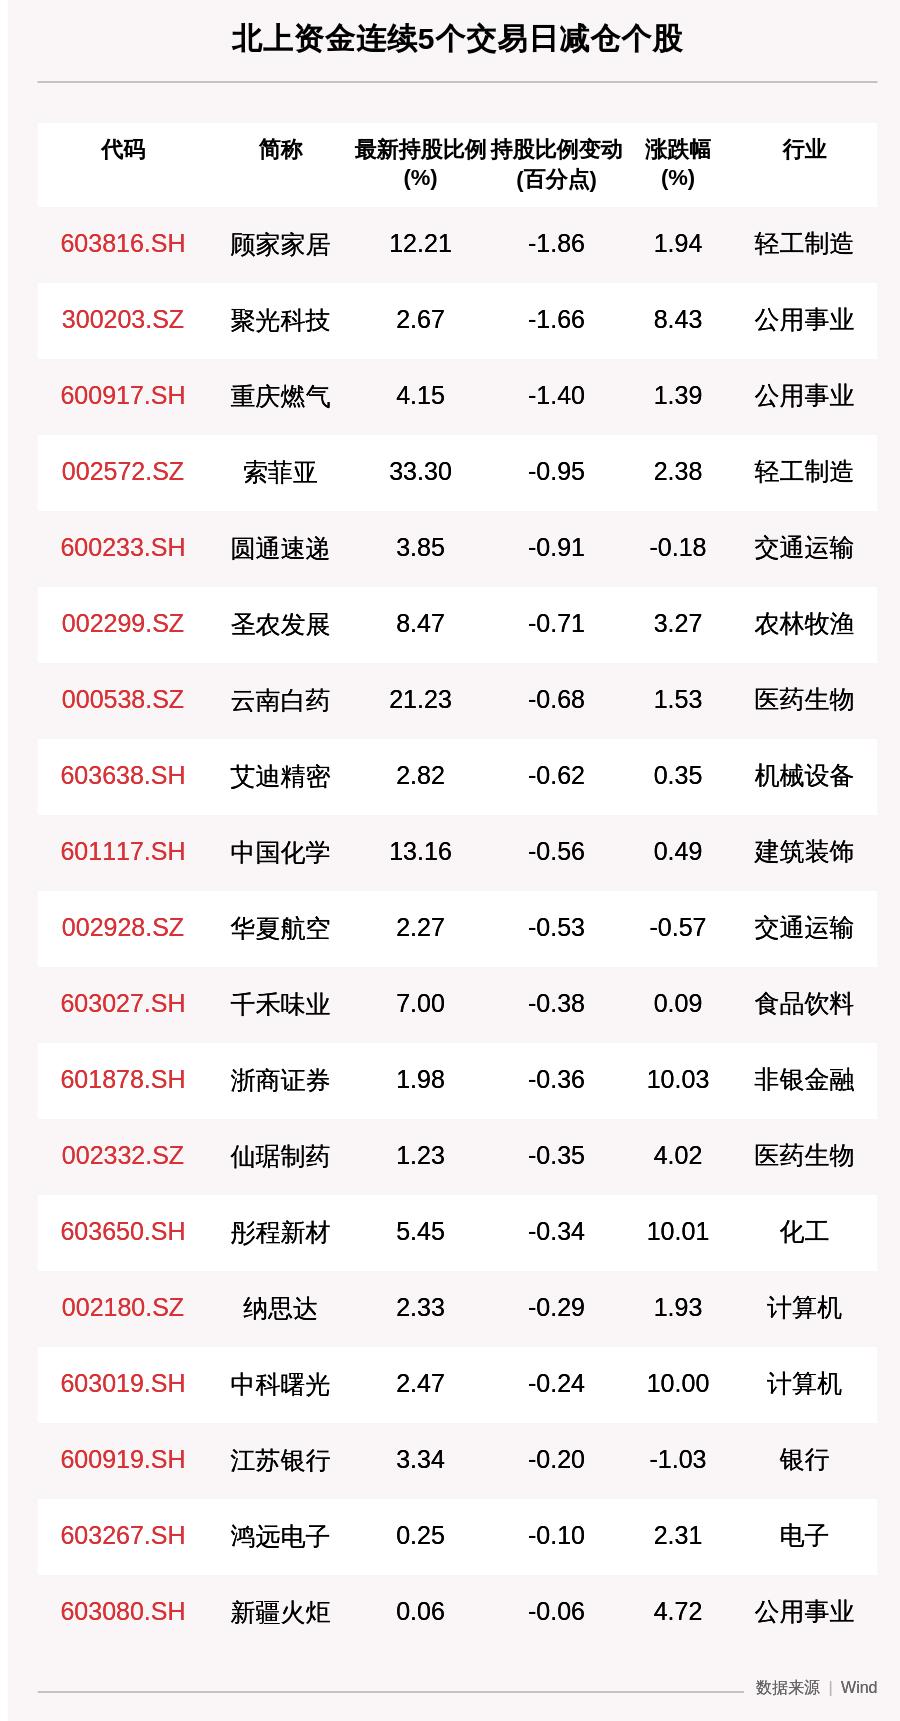 揭秘北上资金:连续5日减仓这19只个股(附名单)